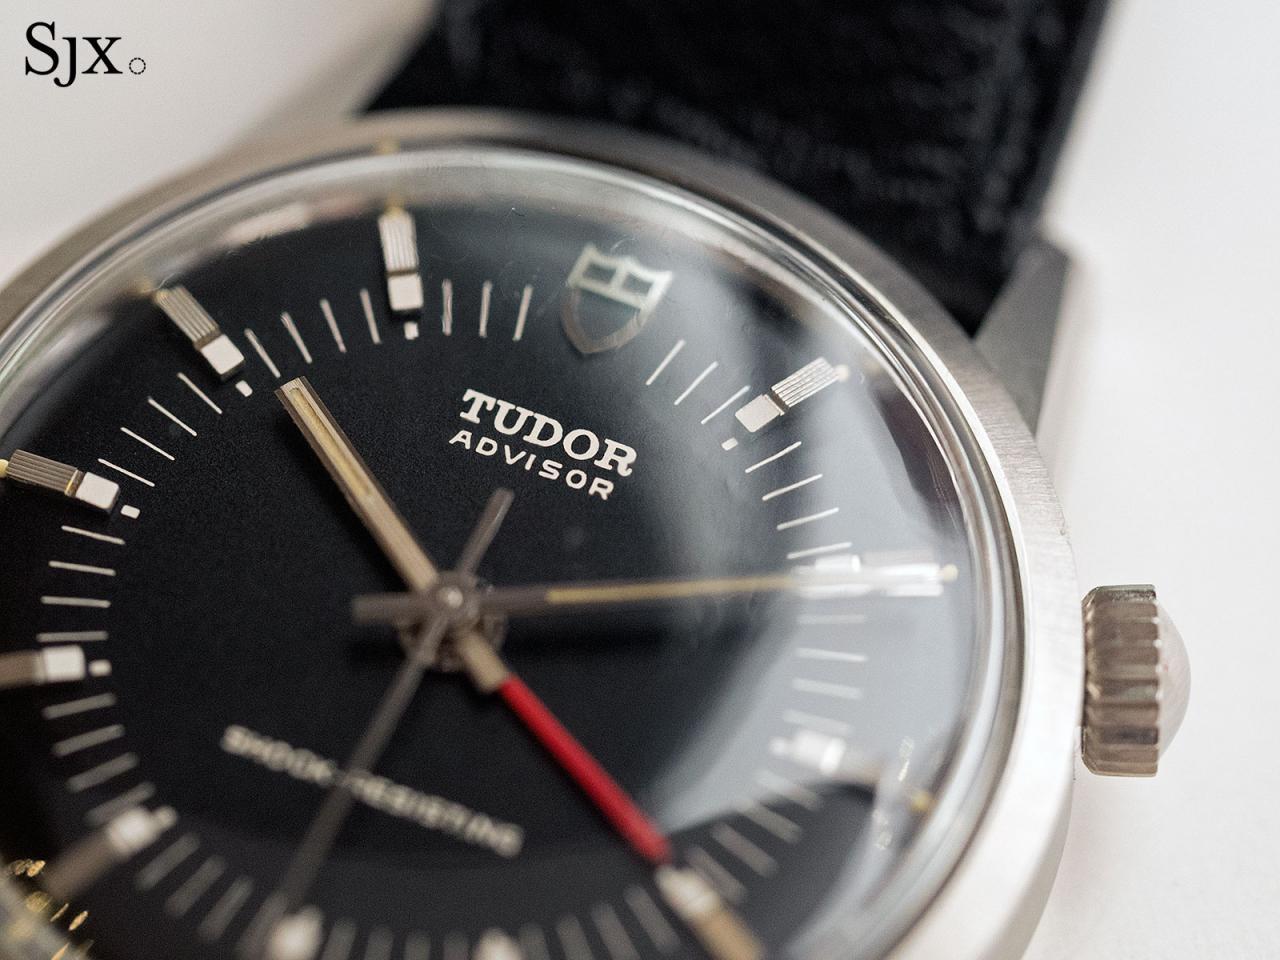 Tudor Advisor alarm ref. 10050 5